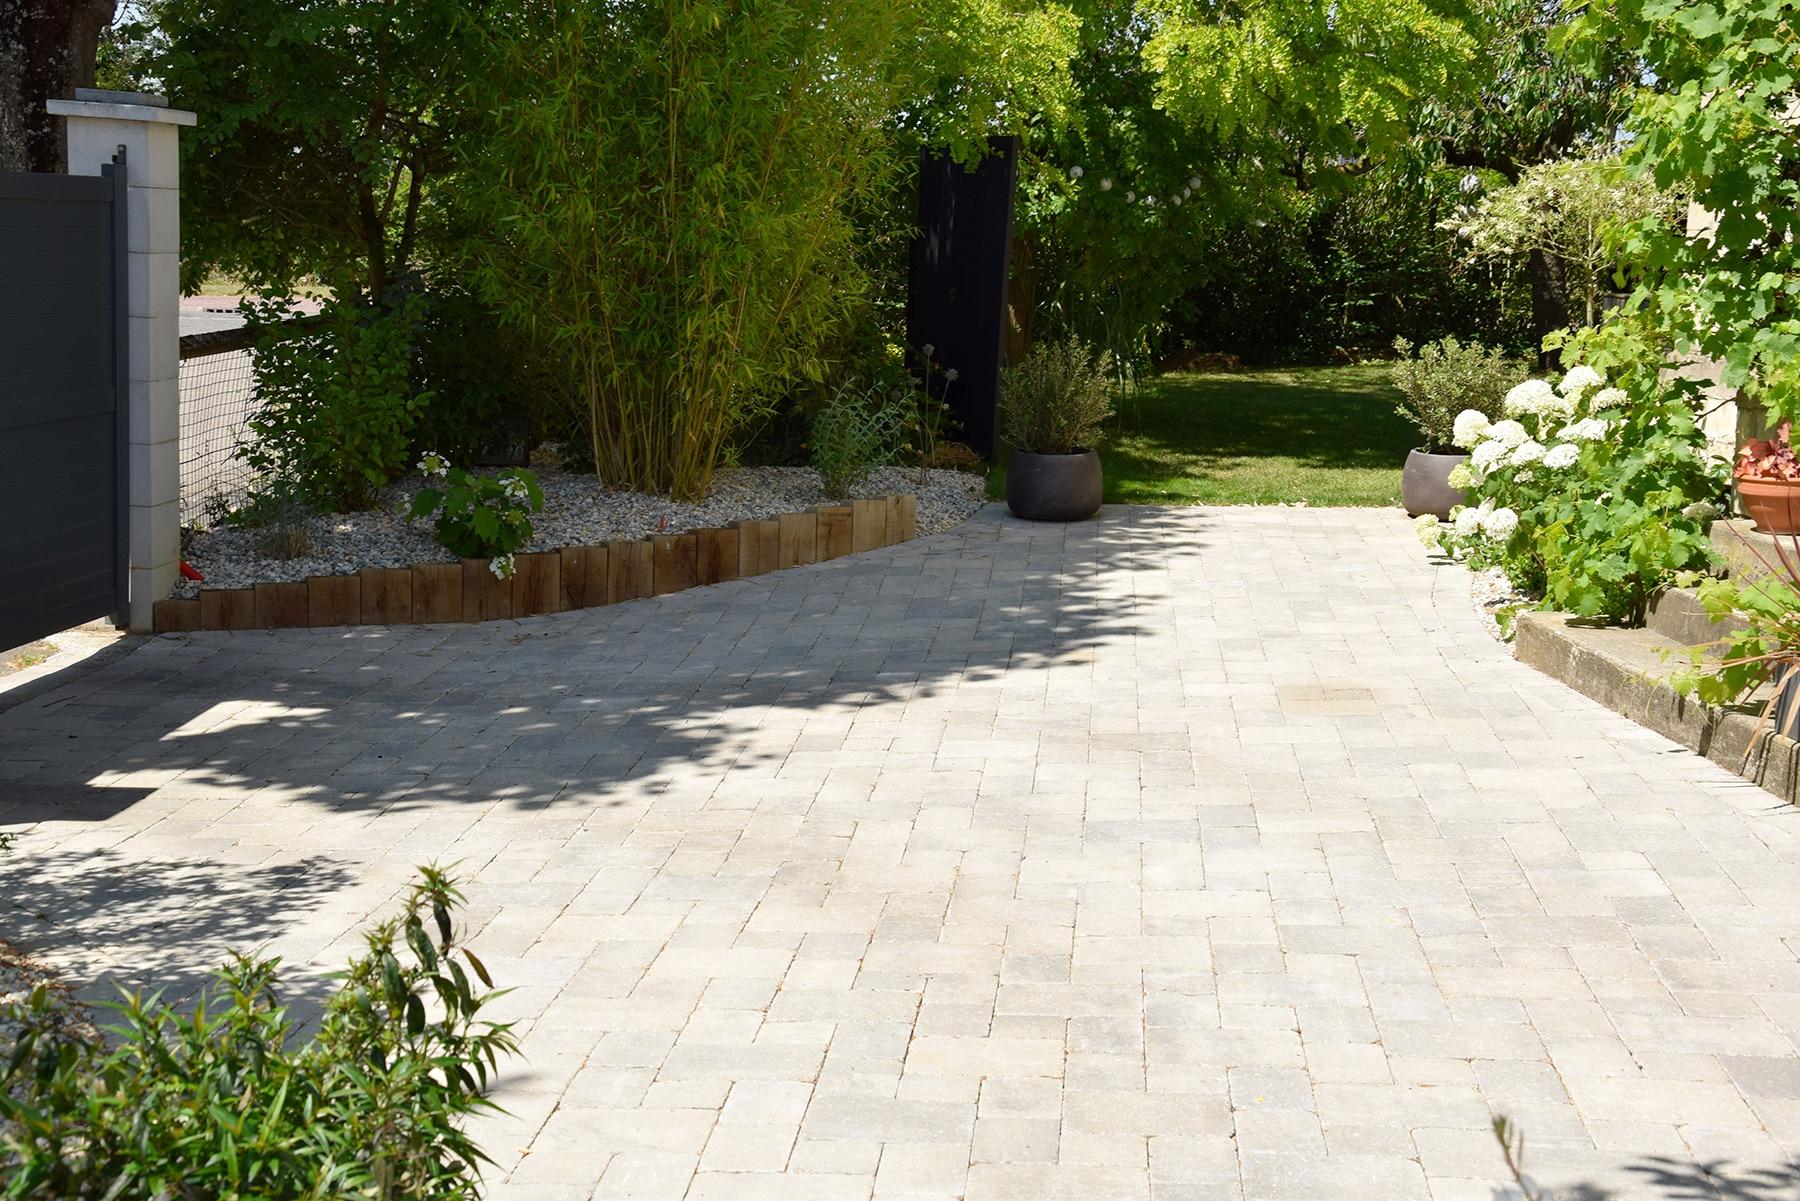 Amenagement Paysager Garage - Boiteachansons serapportantà Deliège Florent - Parcs Et Jardins - Amenagement Exterieur